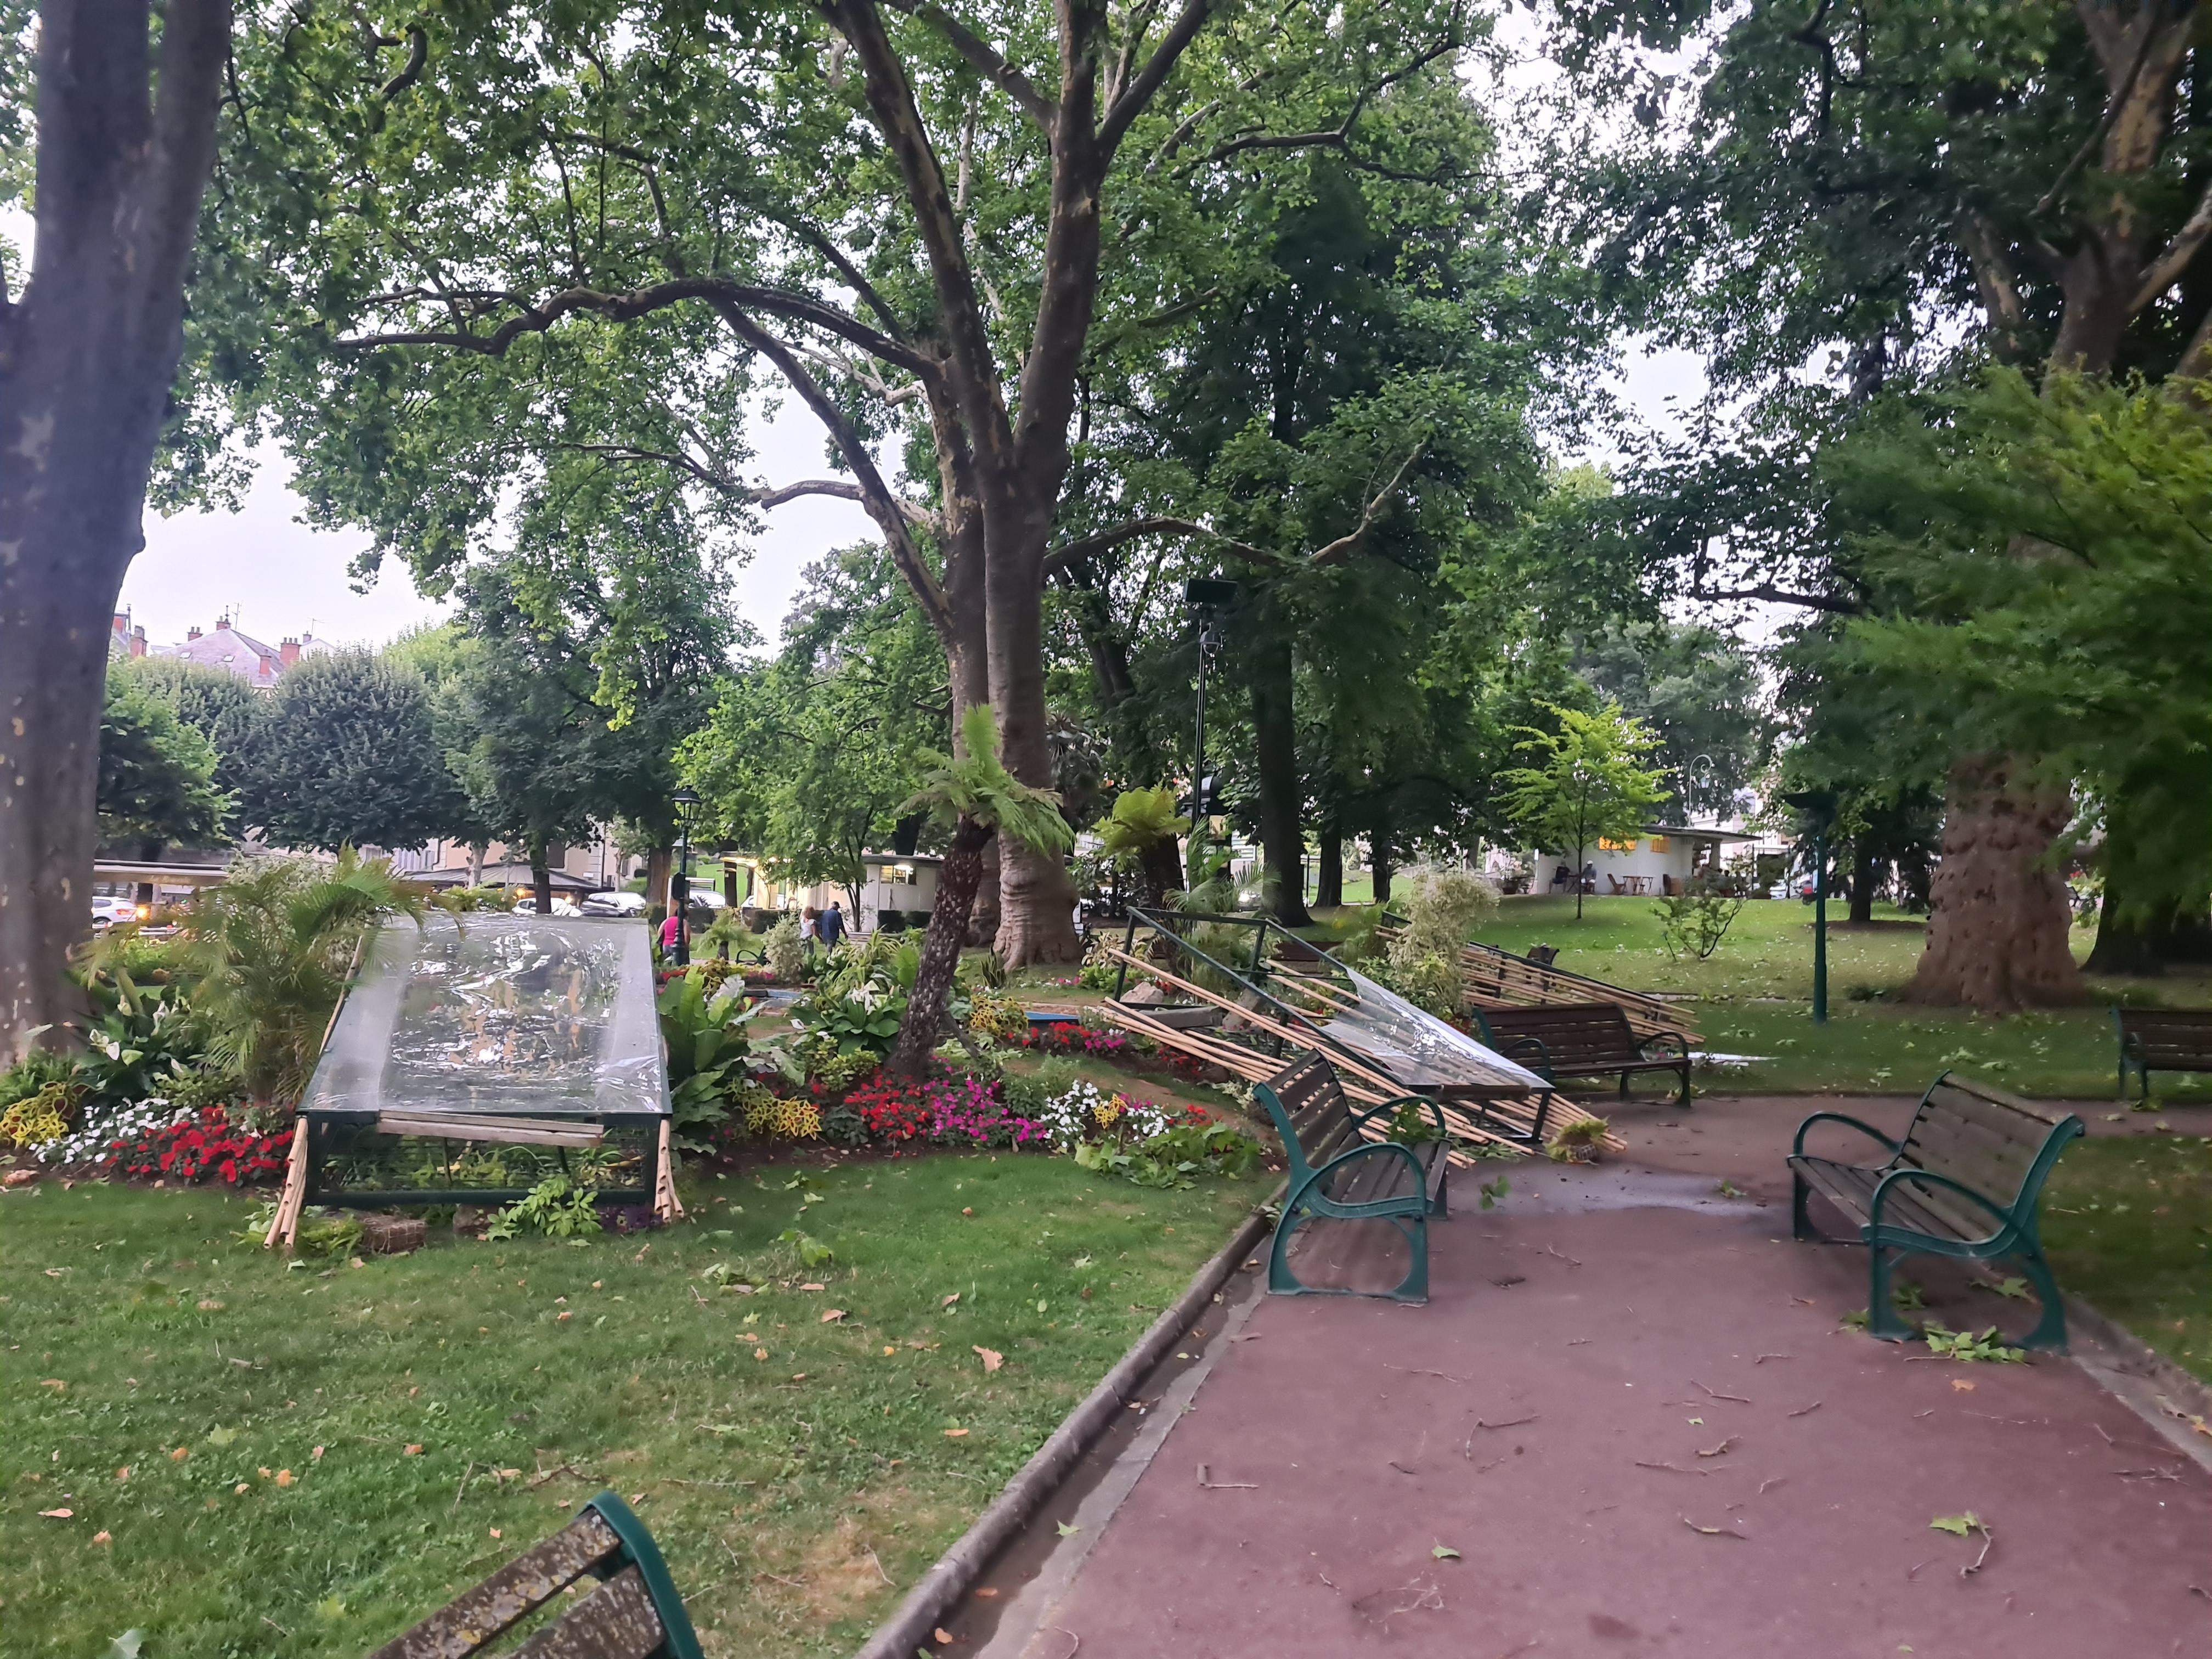 Le vent a endommagé le parc de verdure à Aix-les-Bains, où une mini-forêt tropicale avait été aménagée pour l'été.